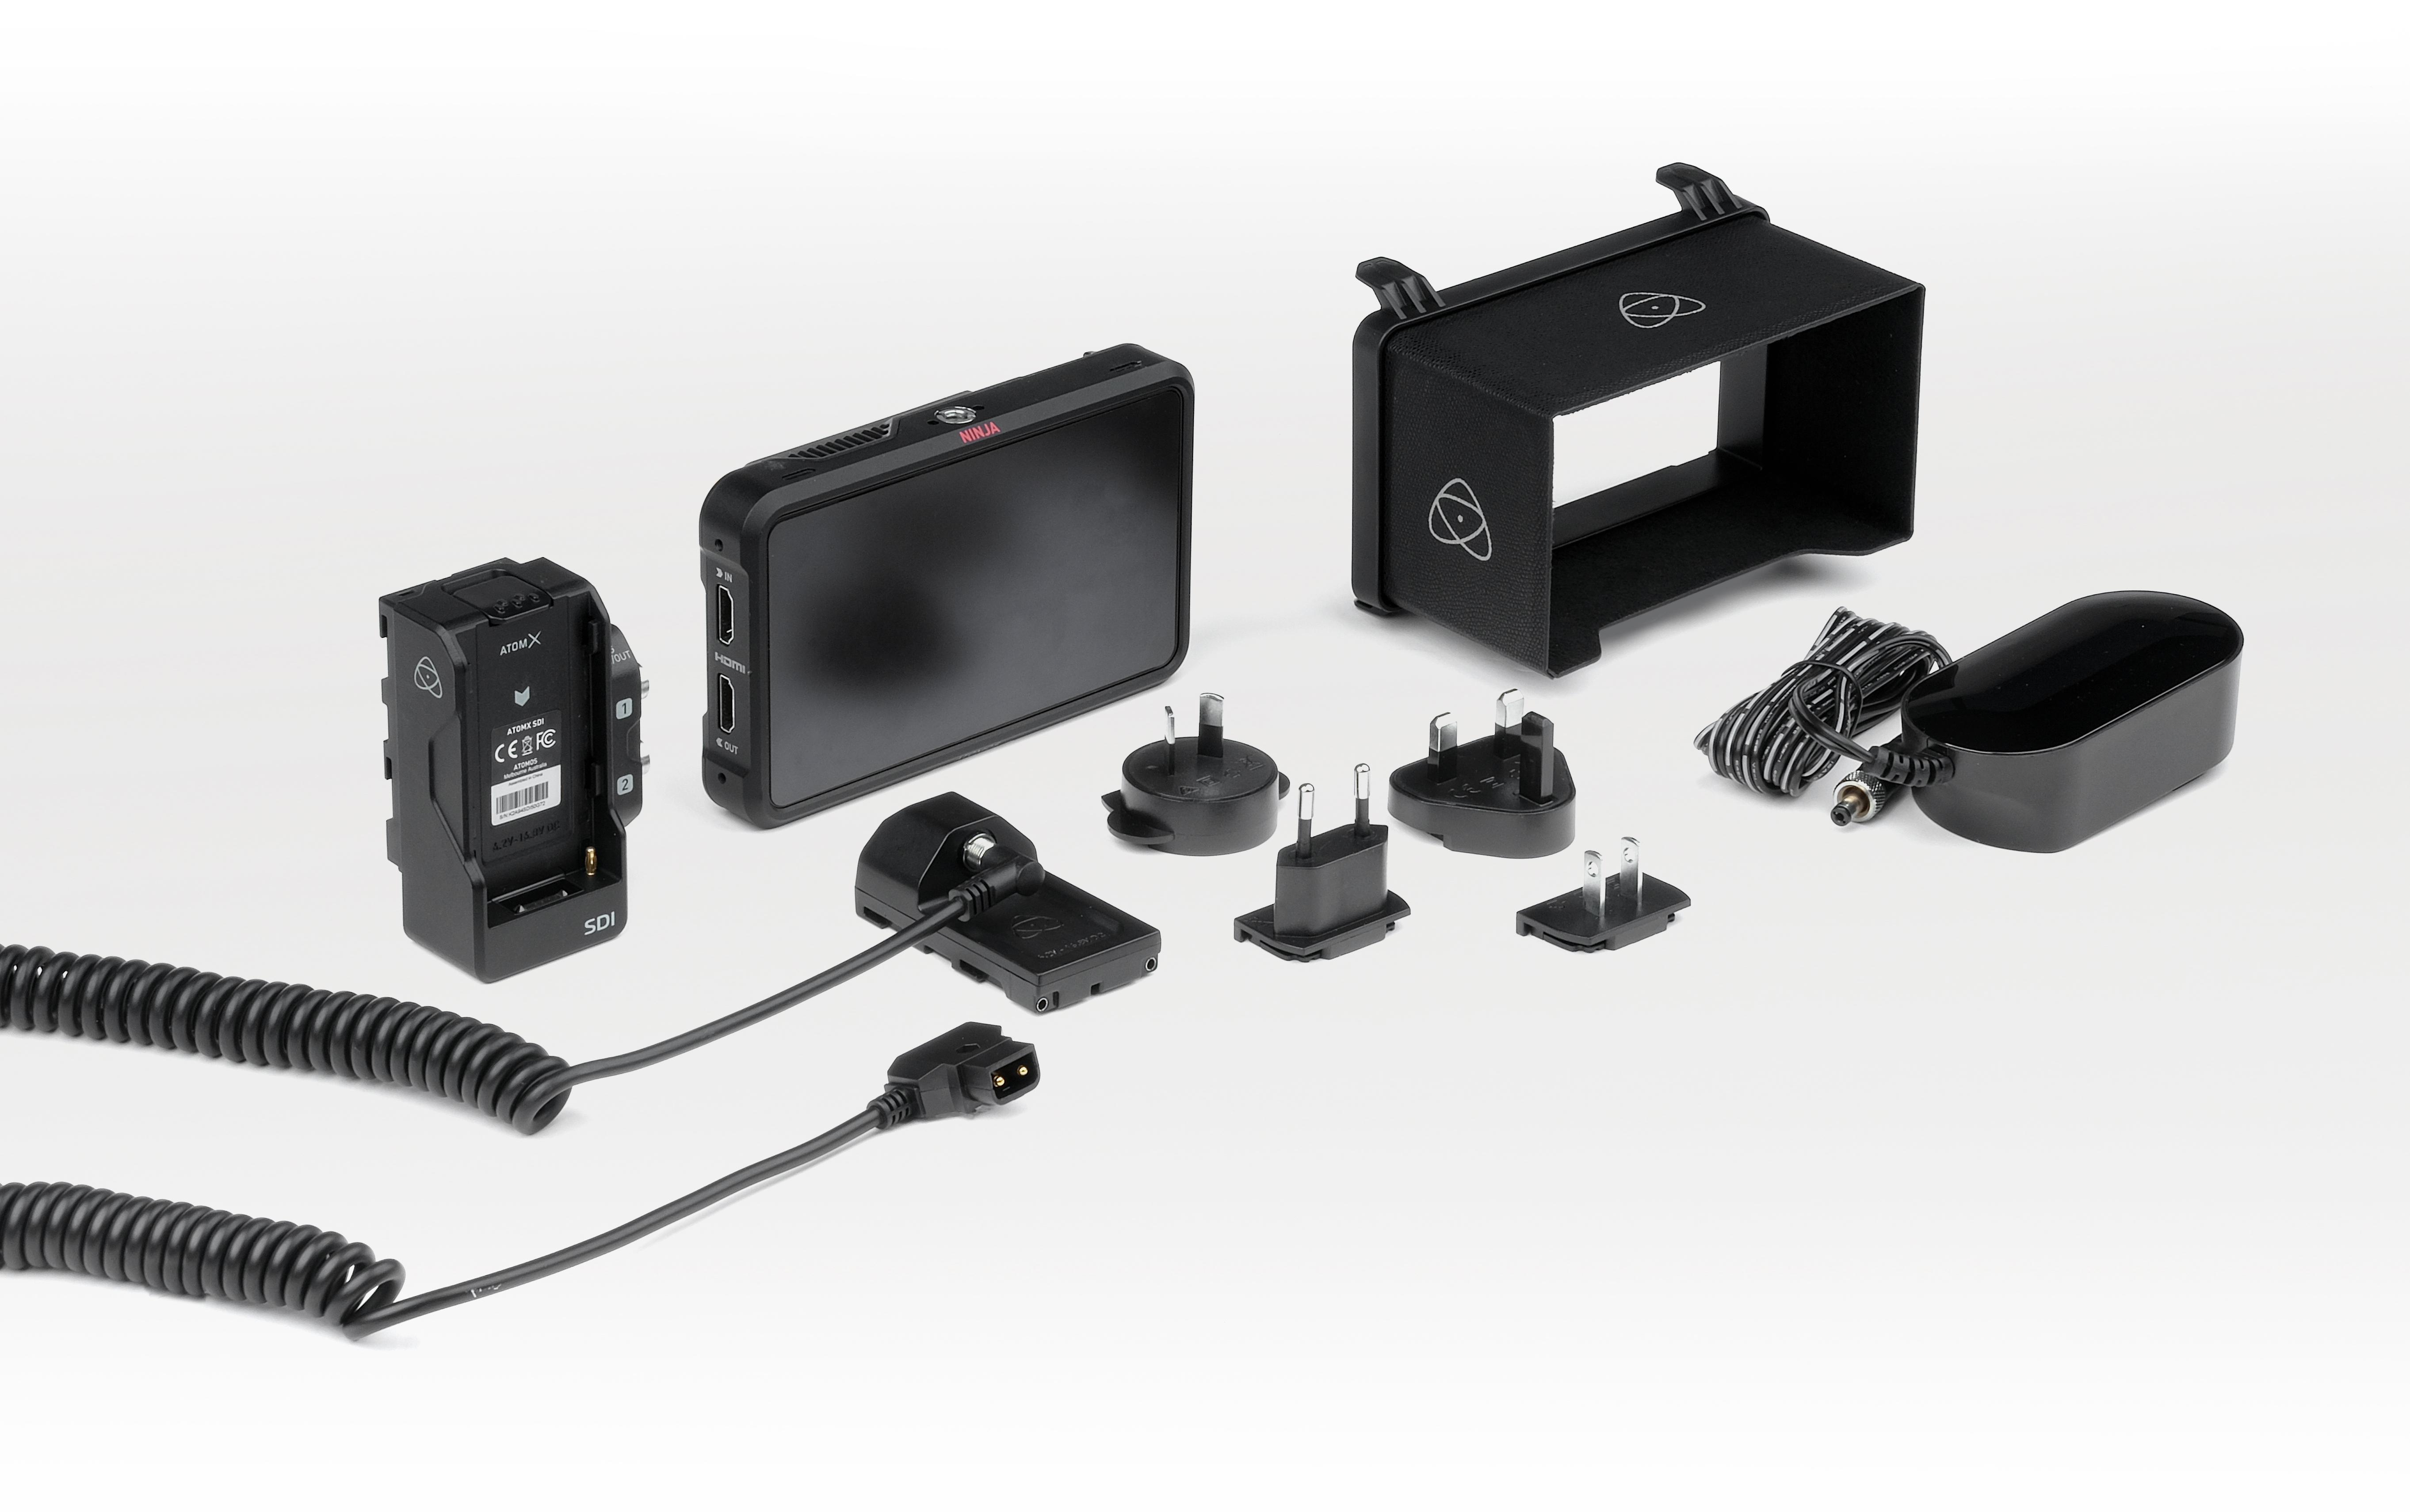 Átomos launches Ninja V Pro Kit: RAW over SDI from the Ninja V and more 7